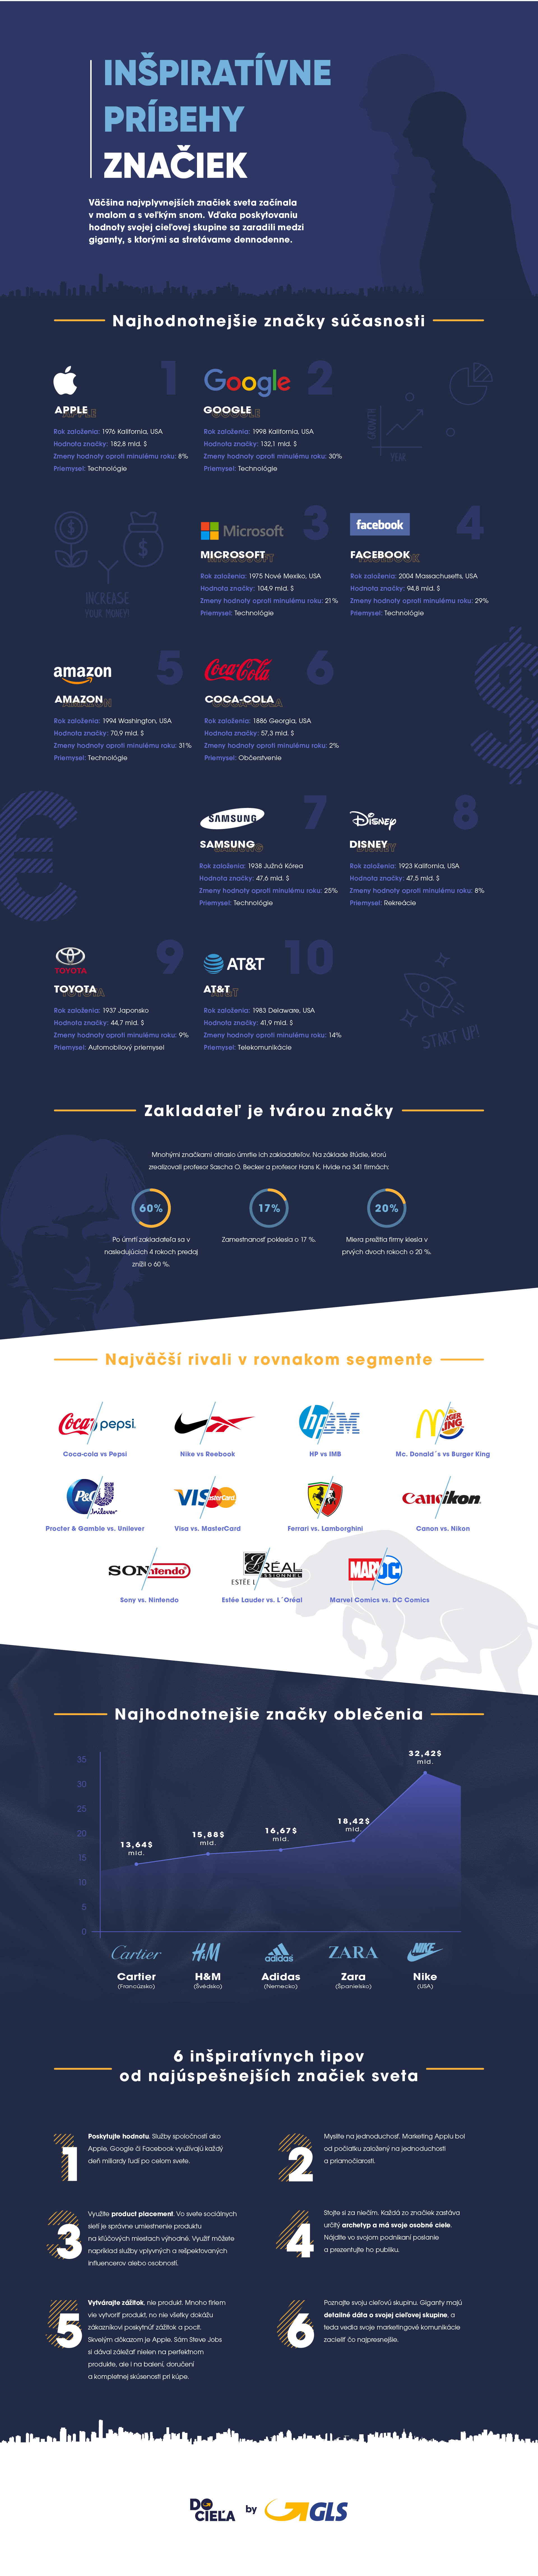 46fa0a376 Infografika: Inšpiratívne príbehy značiek | DoCiela.sk